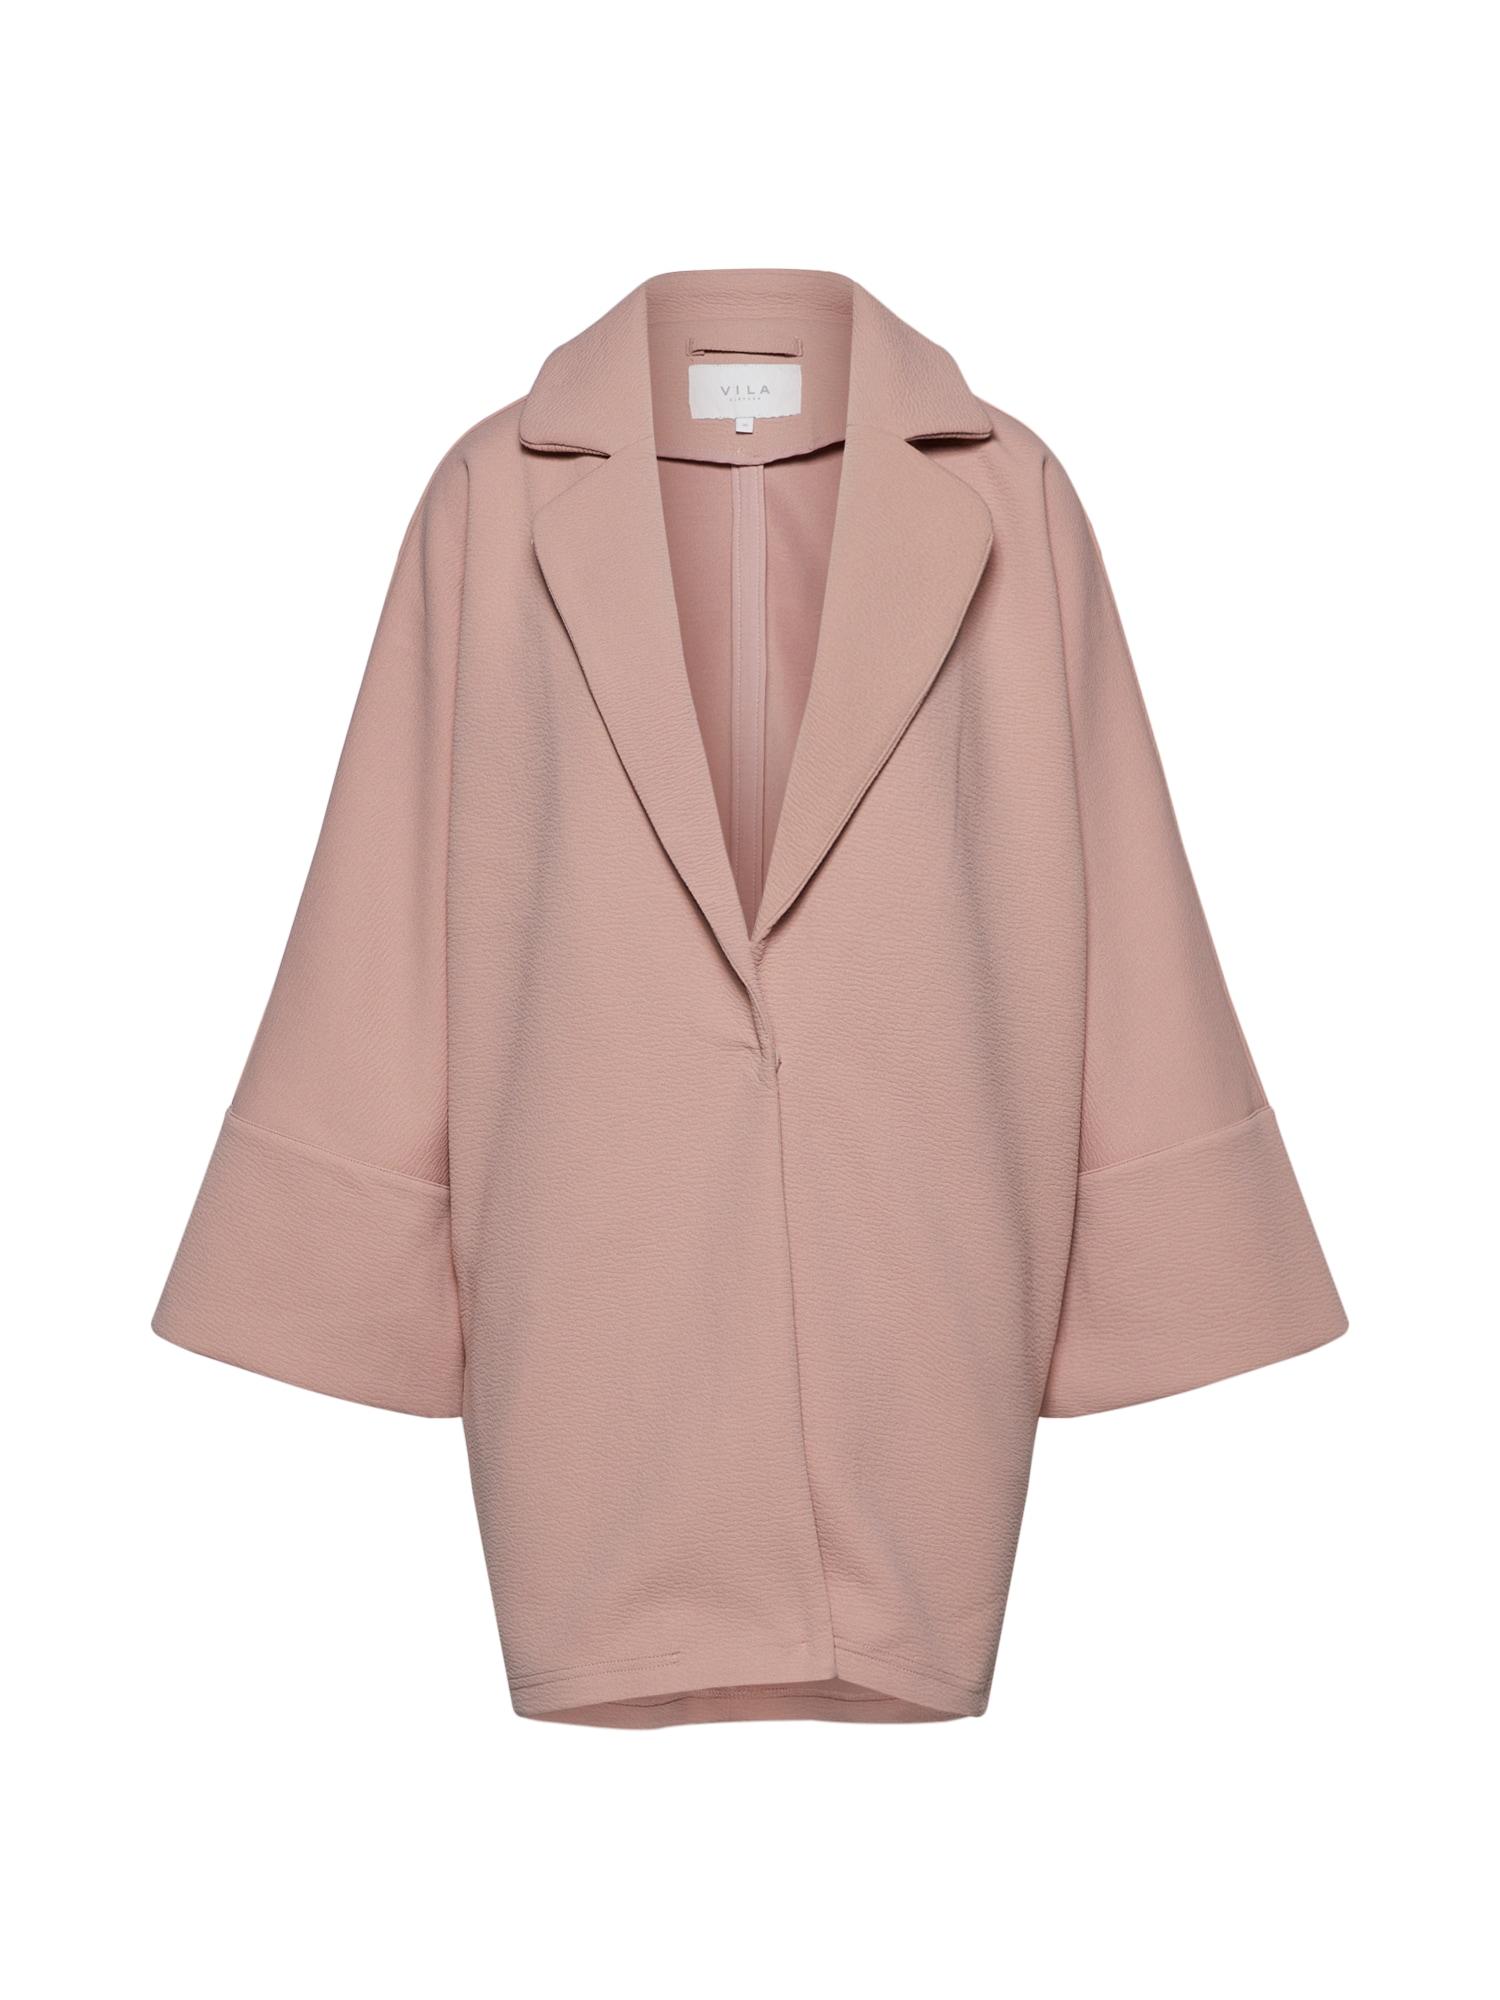 Přechodný kabát VIALLU pastelově růžová VILA